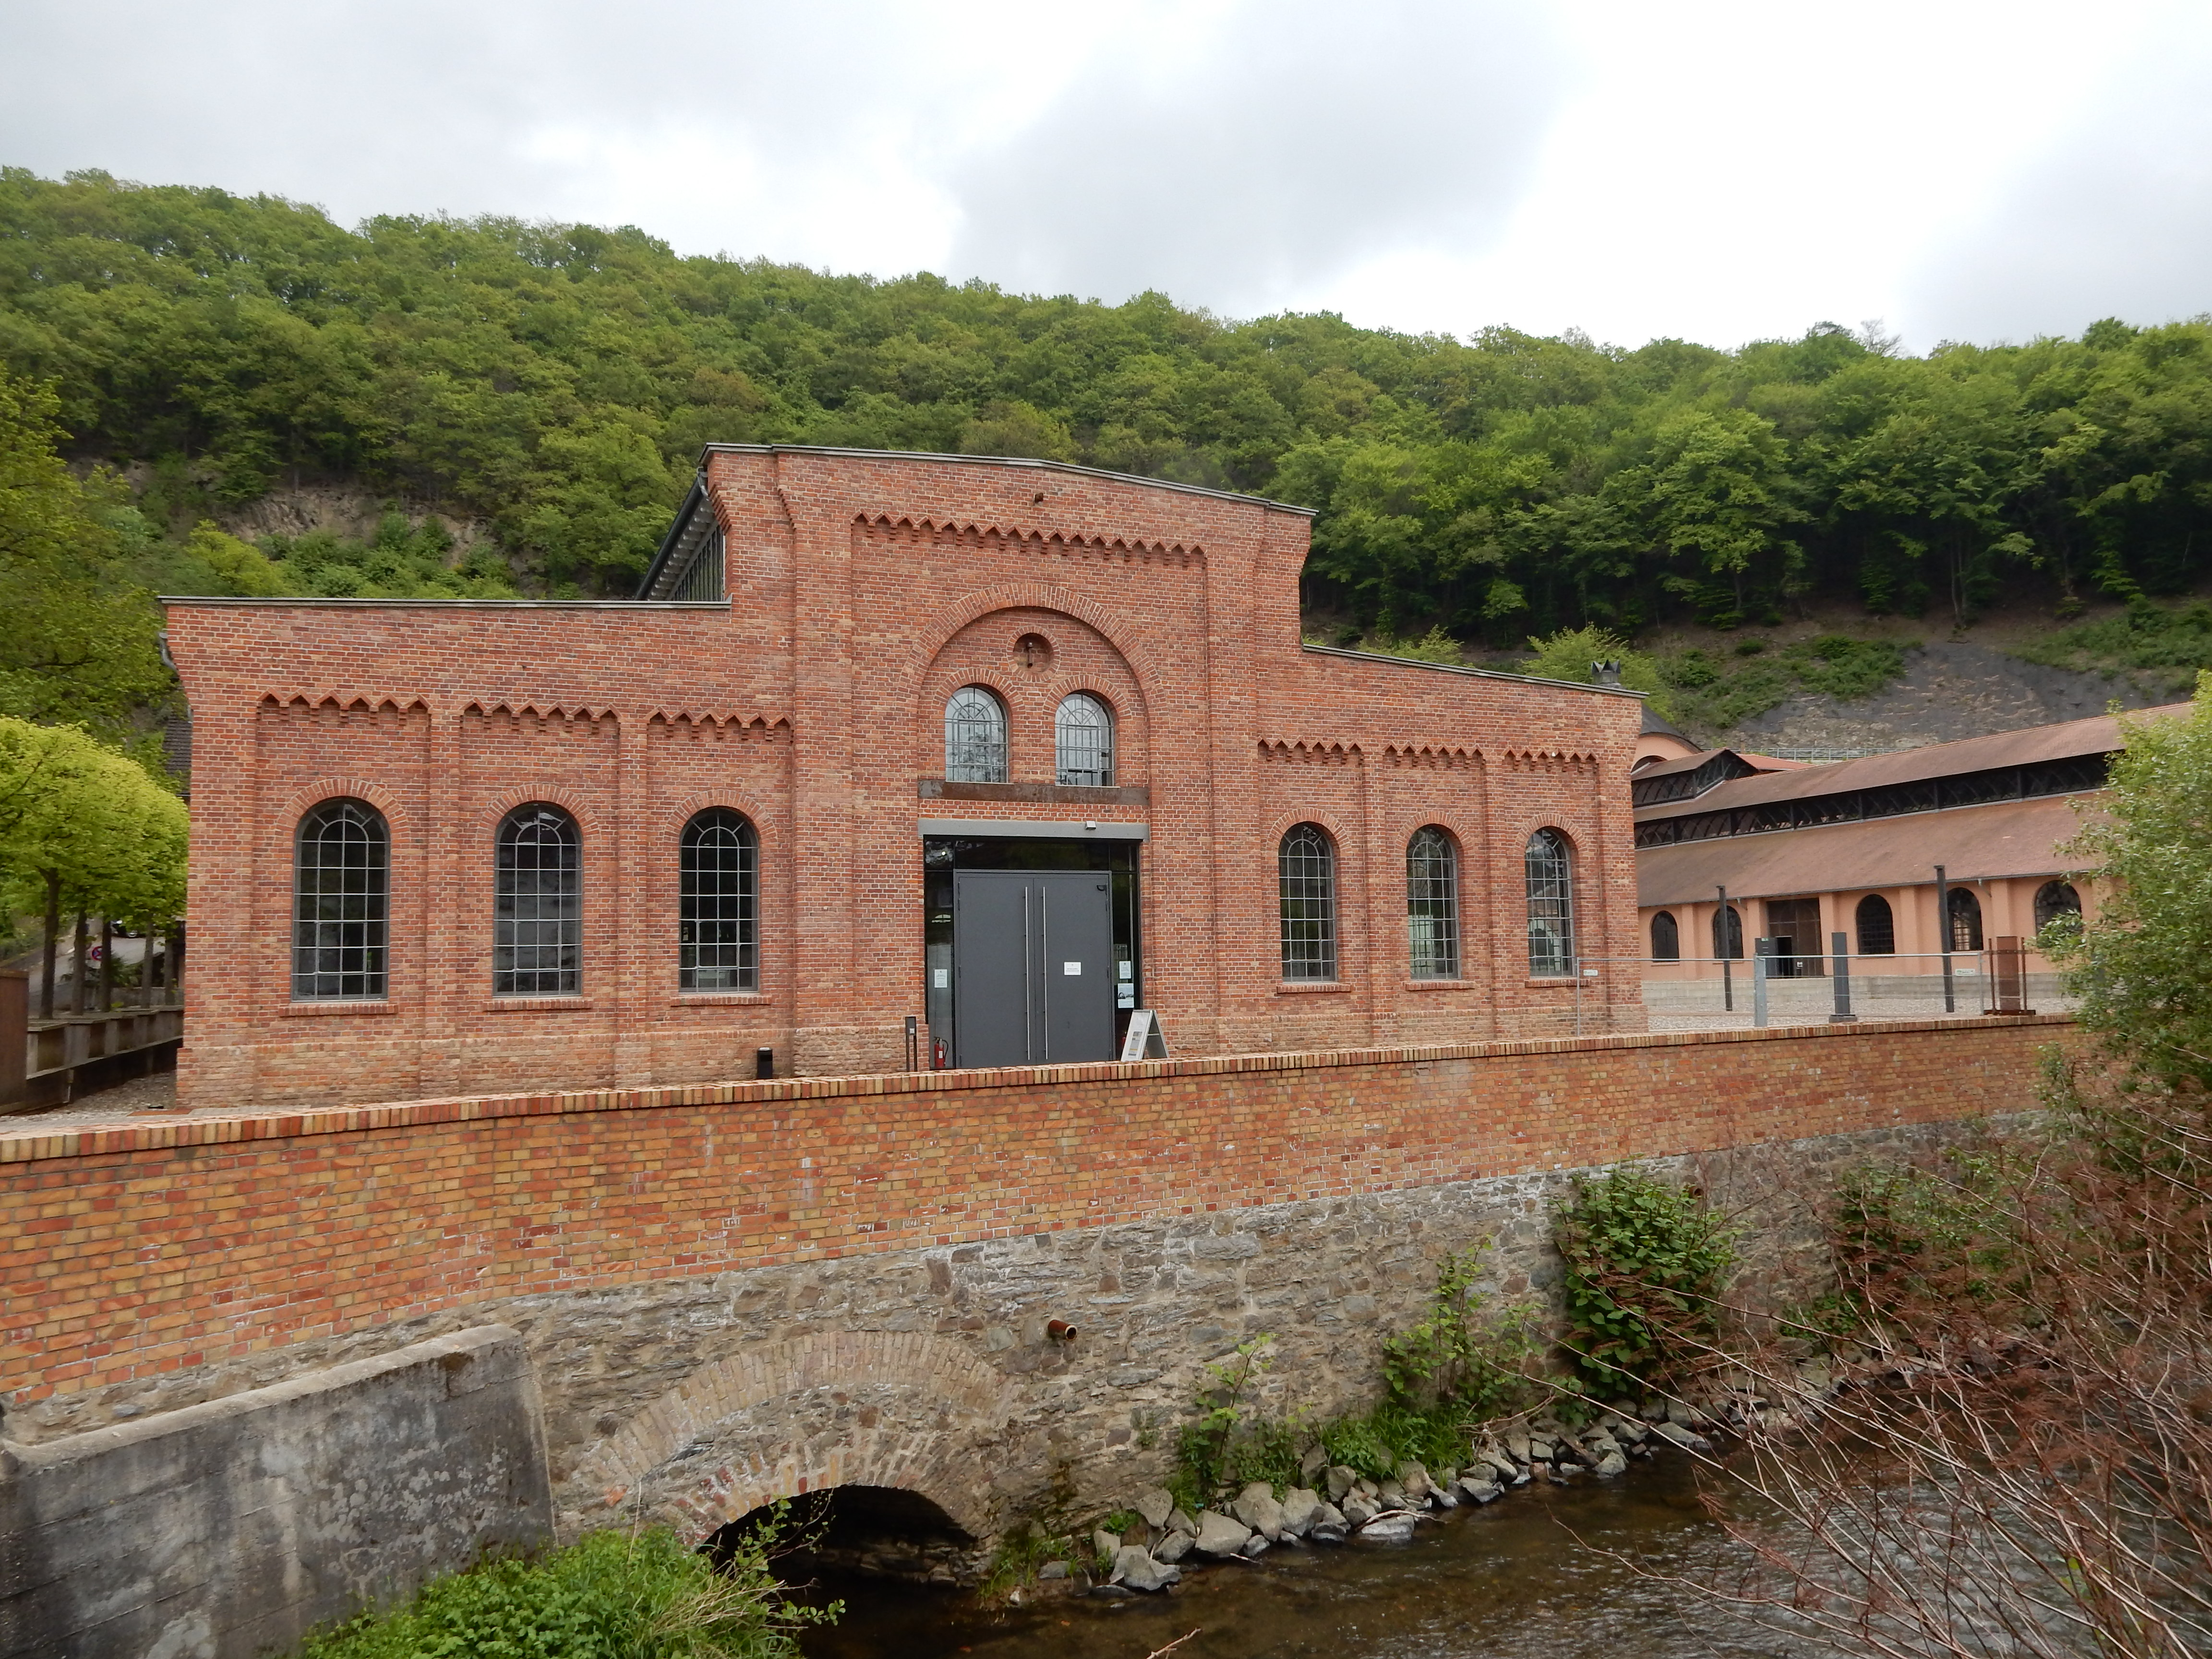 Rheinisches Eisenkunstguß-museum, Sayn. Foto Coert Peter Krabbe, mei 2019, exterieur, gevel